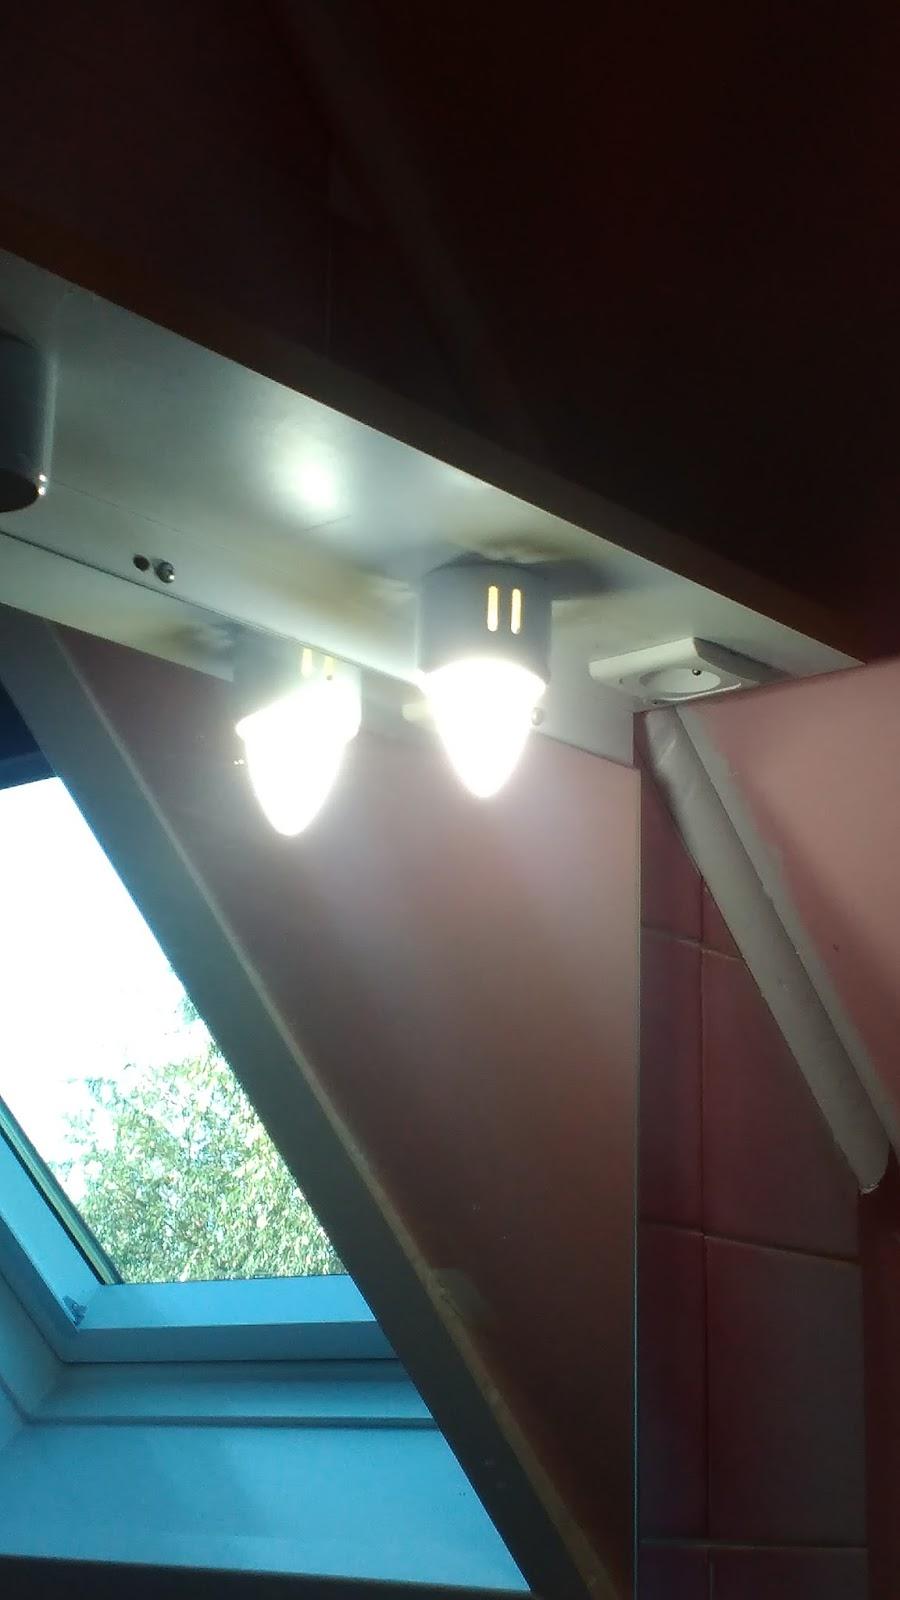 Flamme FifiTest Agotd X Led Culot 1 Ampoule E14 Chronique Amazon qpVUzSM